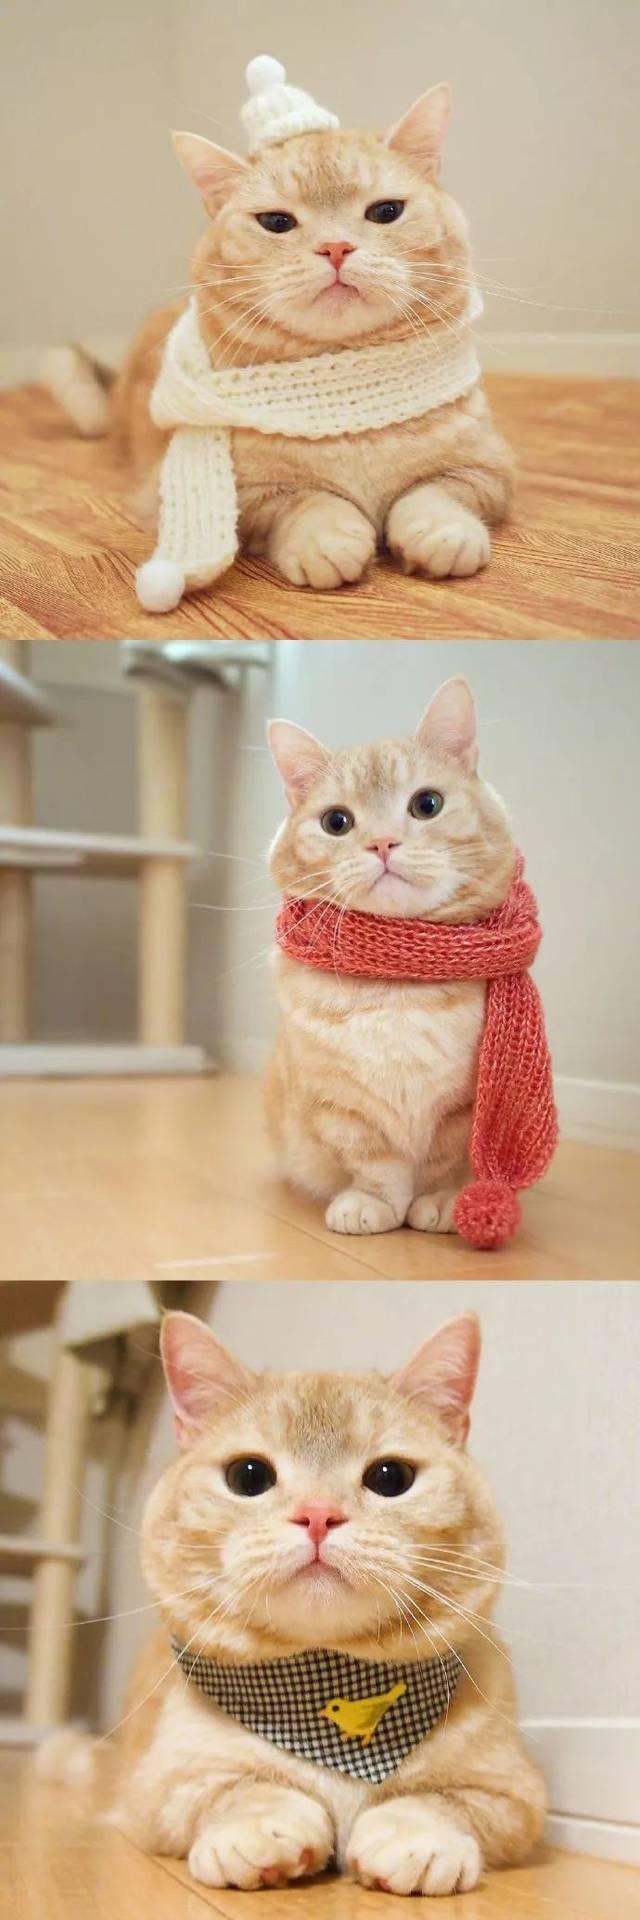 短腿橘猫是什么品种-短腿橘猫多少钱一只,花花与三猫